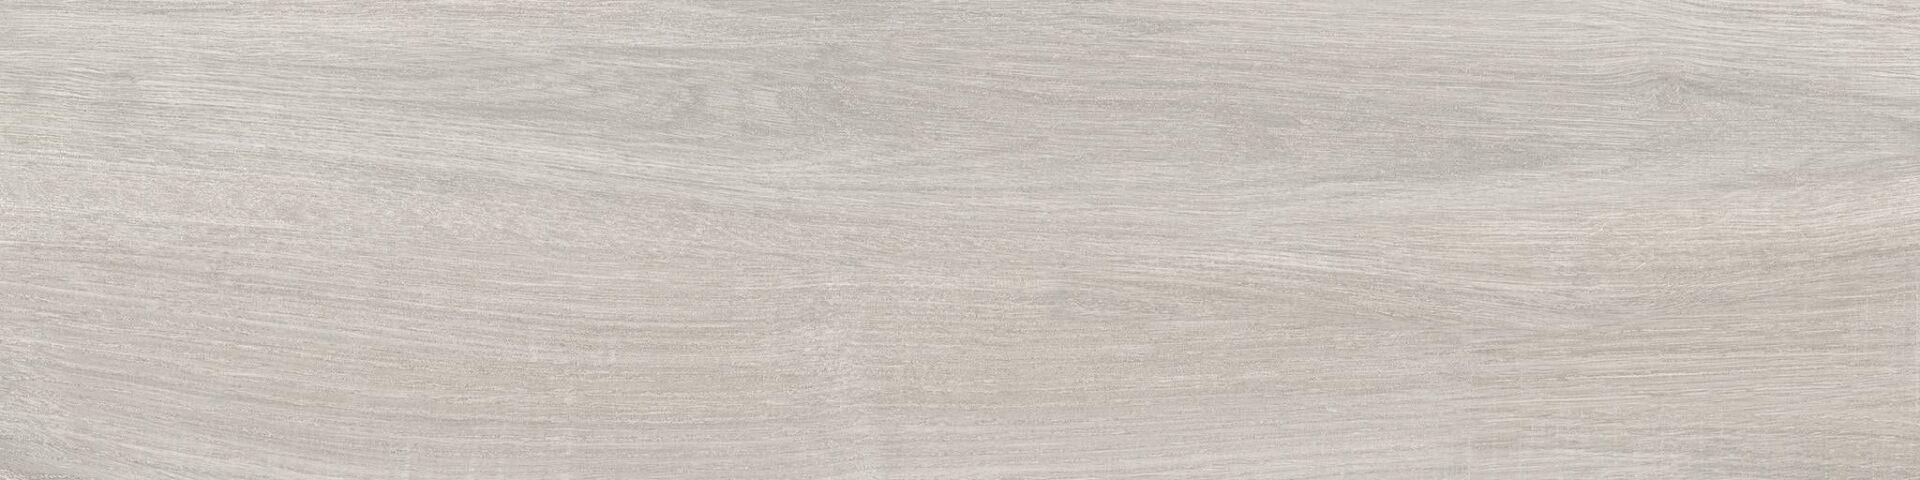 BAVARO GRIS Granite Cabinet Ideas Premium Stones Countertops.